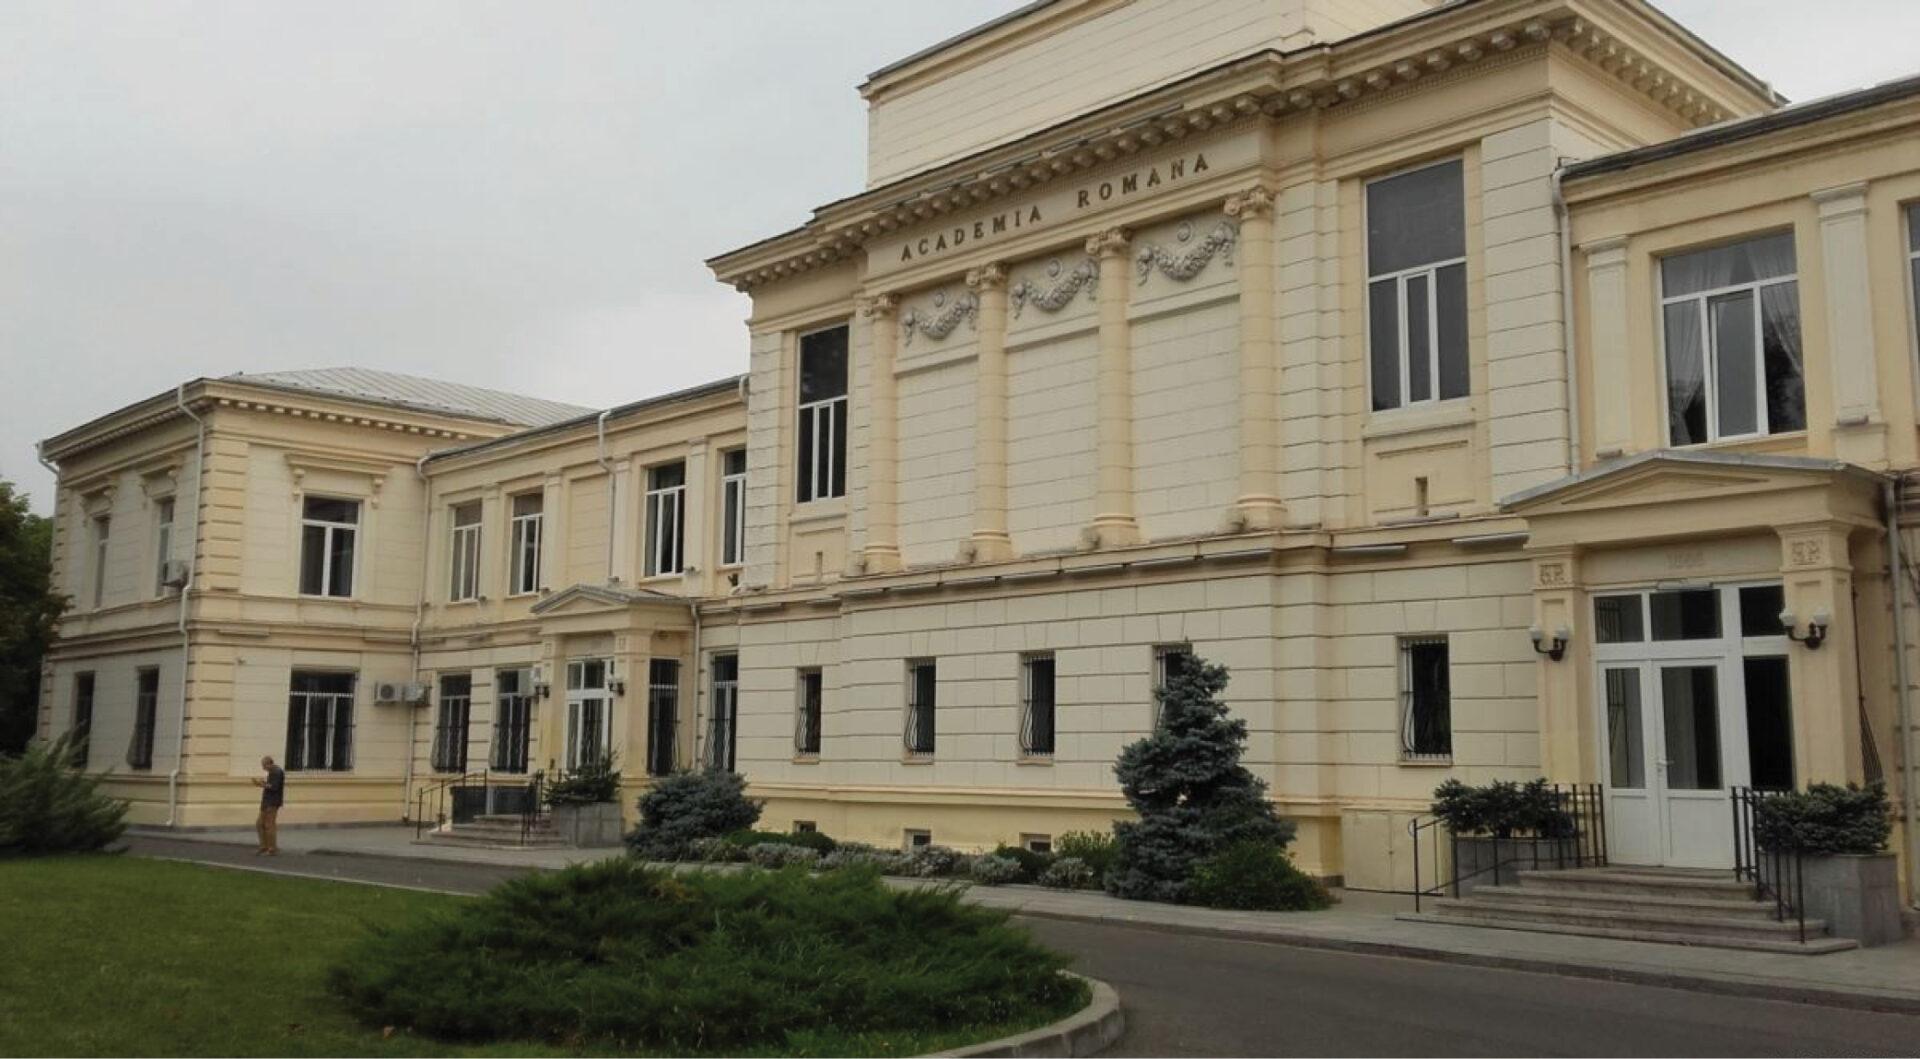 Teoria conspirației: 5G-ul și Academia Română